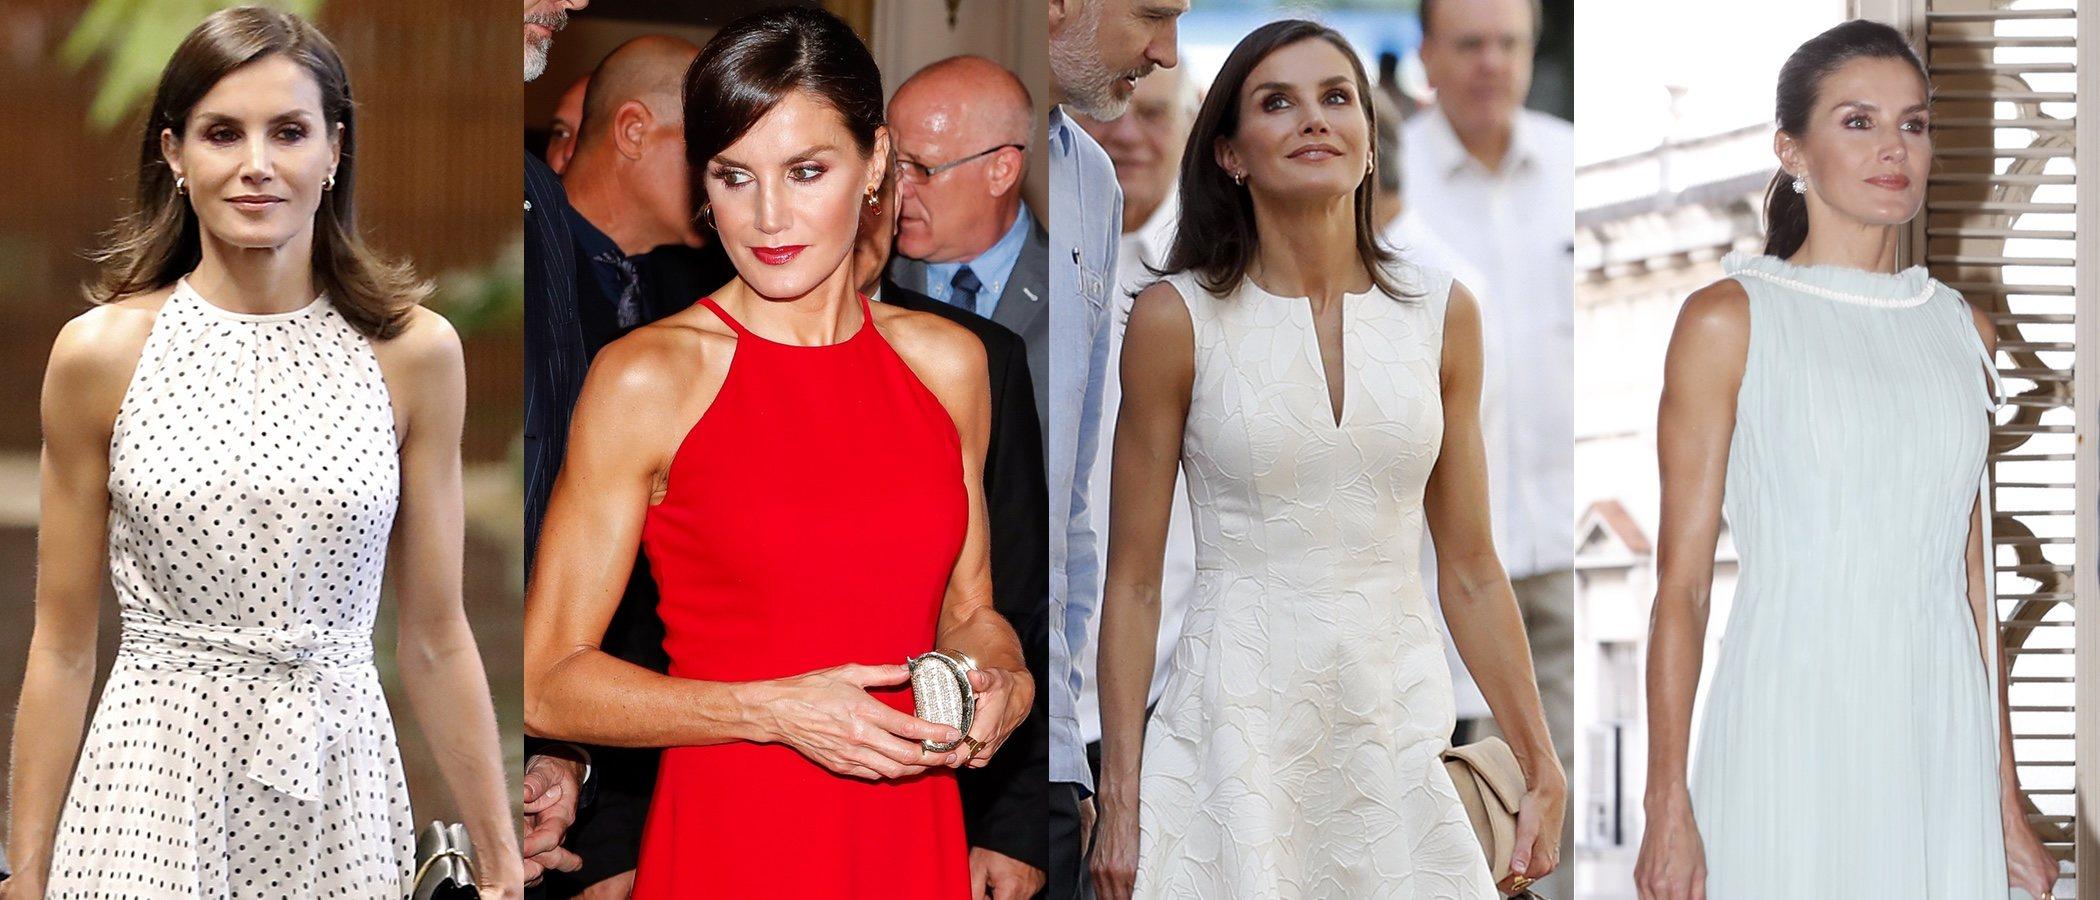 Así fueron todos los looks de la Reina Letizia durante su Visita de Estado a Cuba